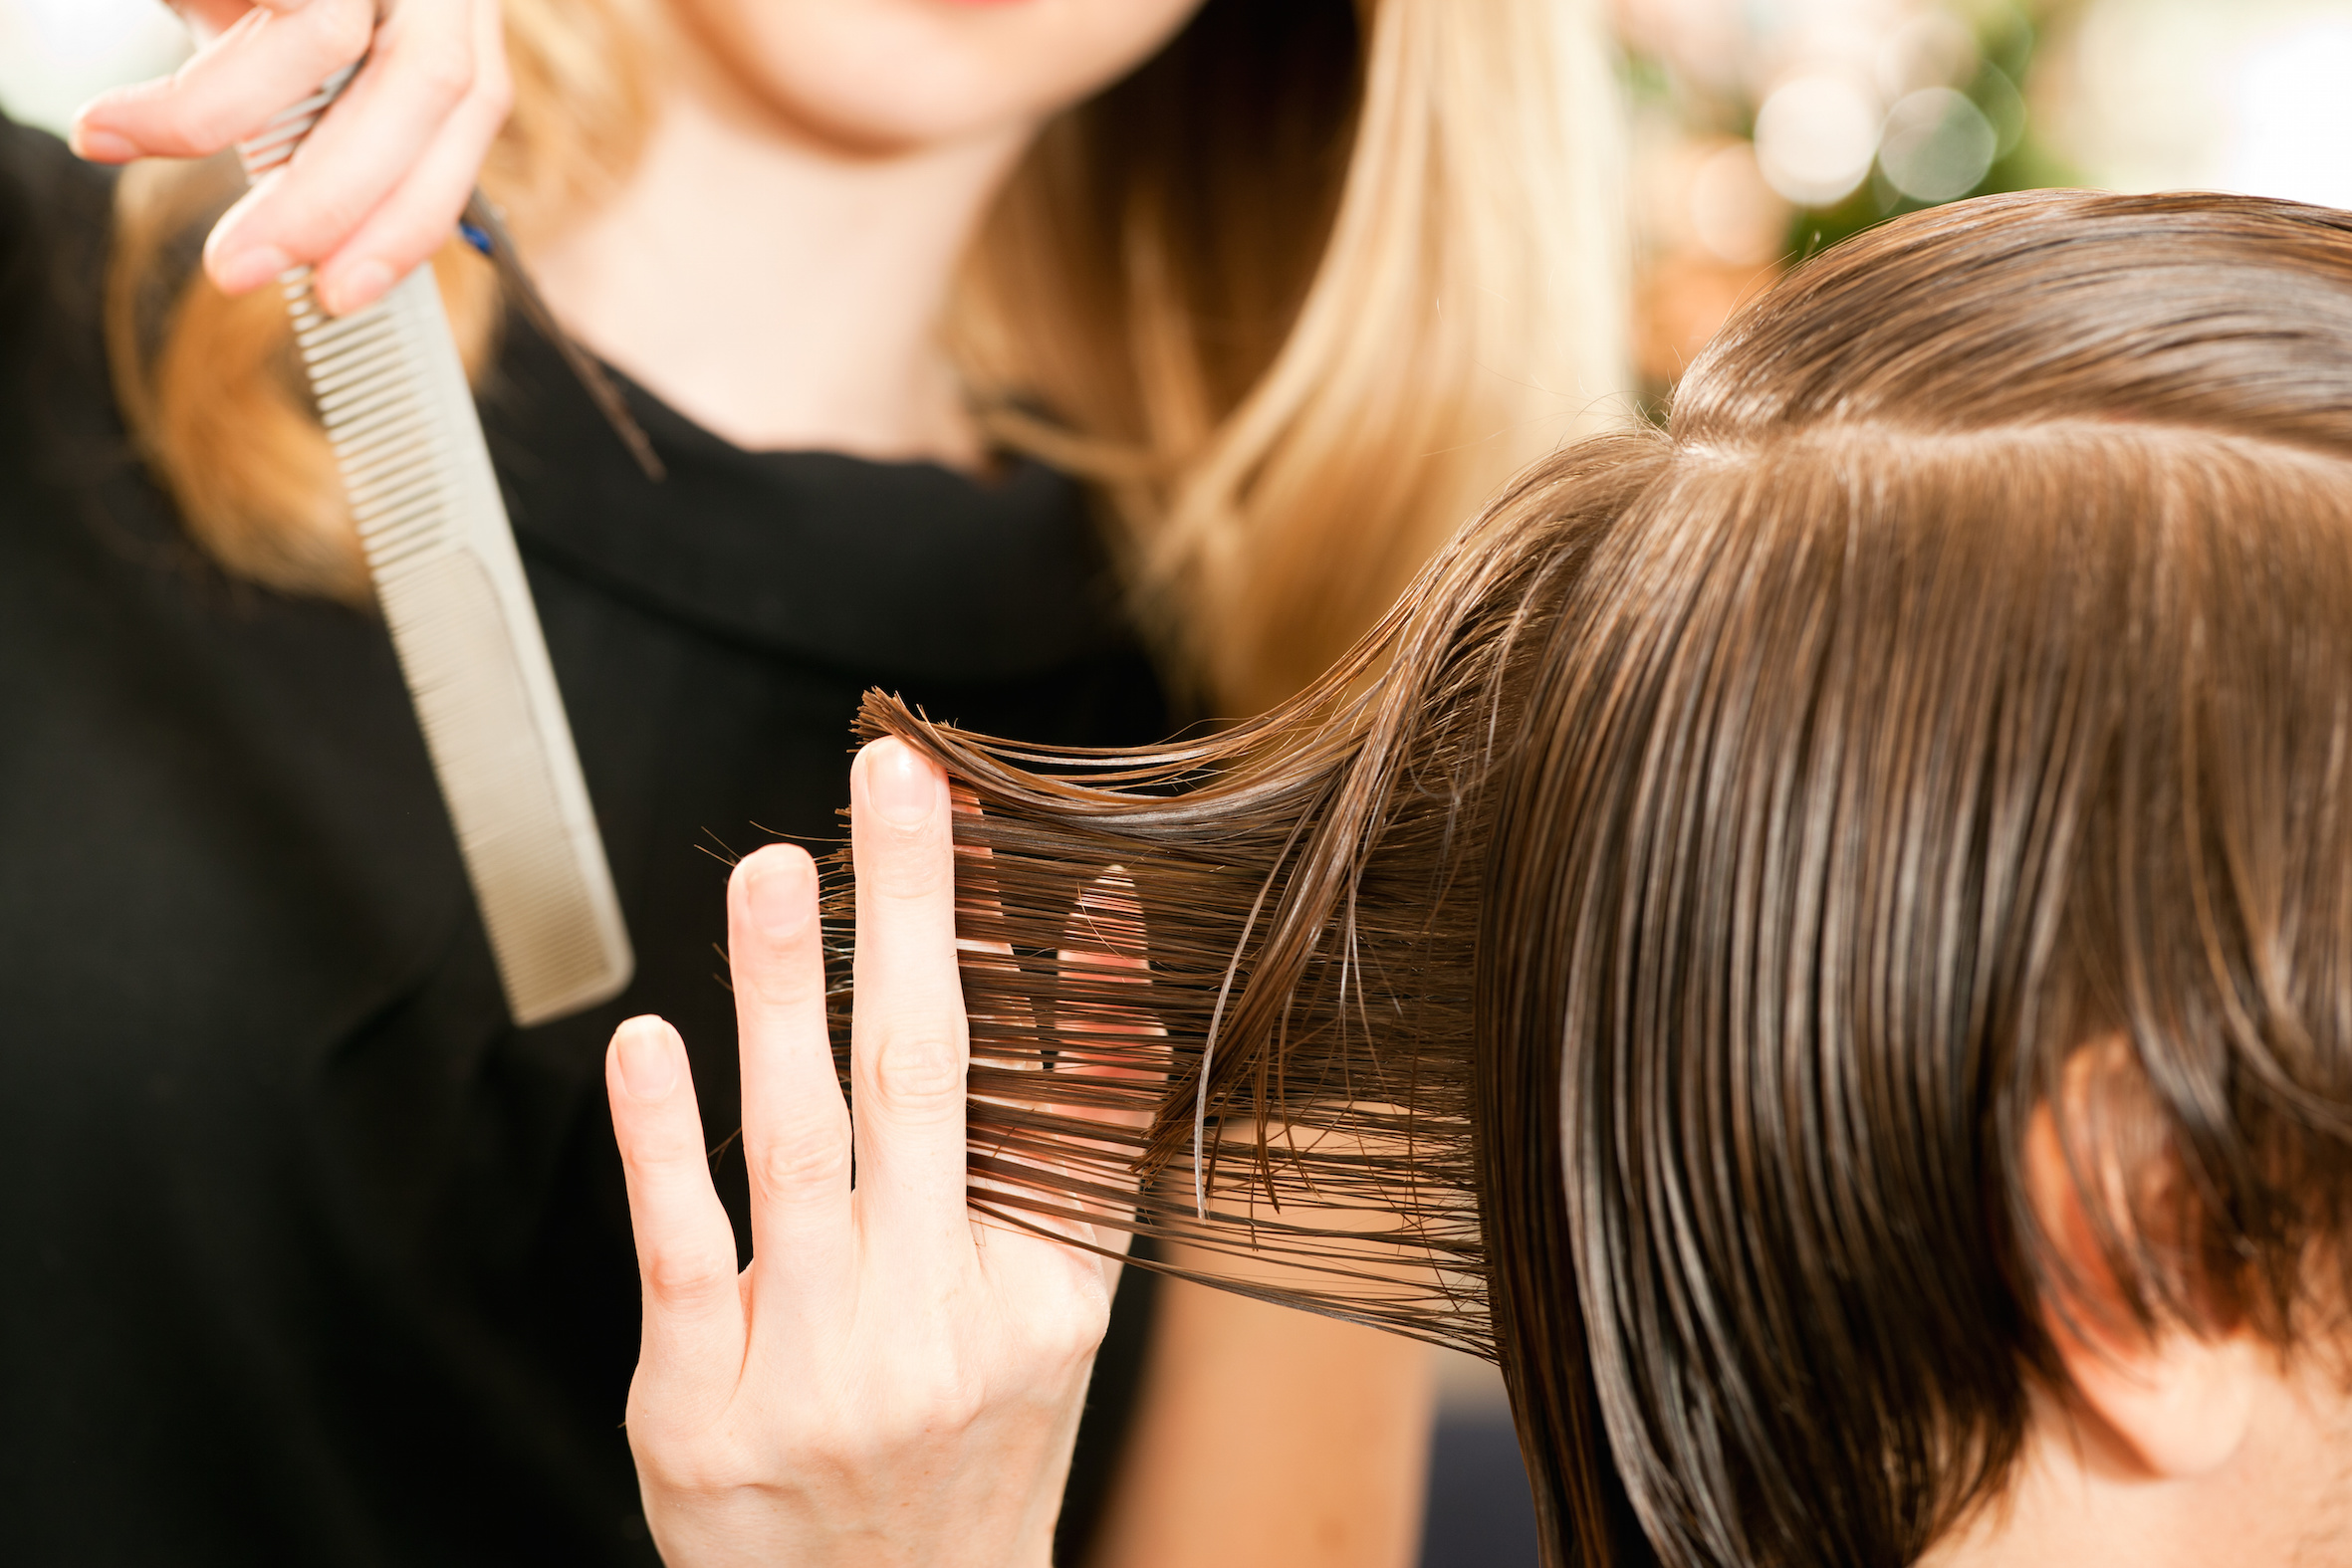 意中の女性美容師とLINEを交換して、確実にデートに誘う具体的な方法